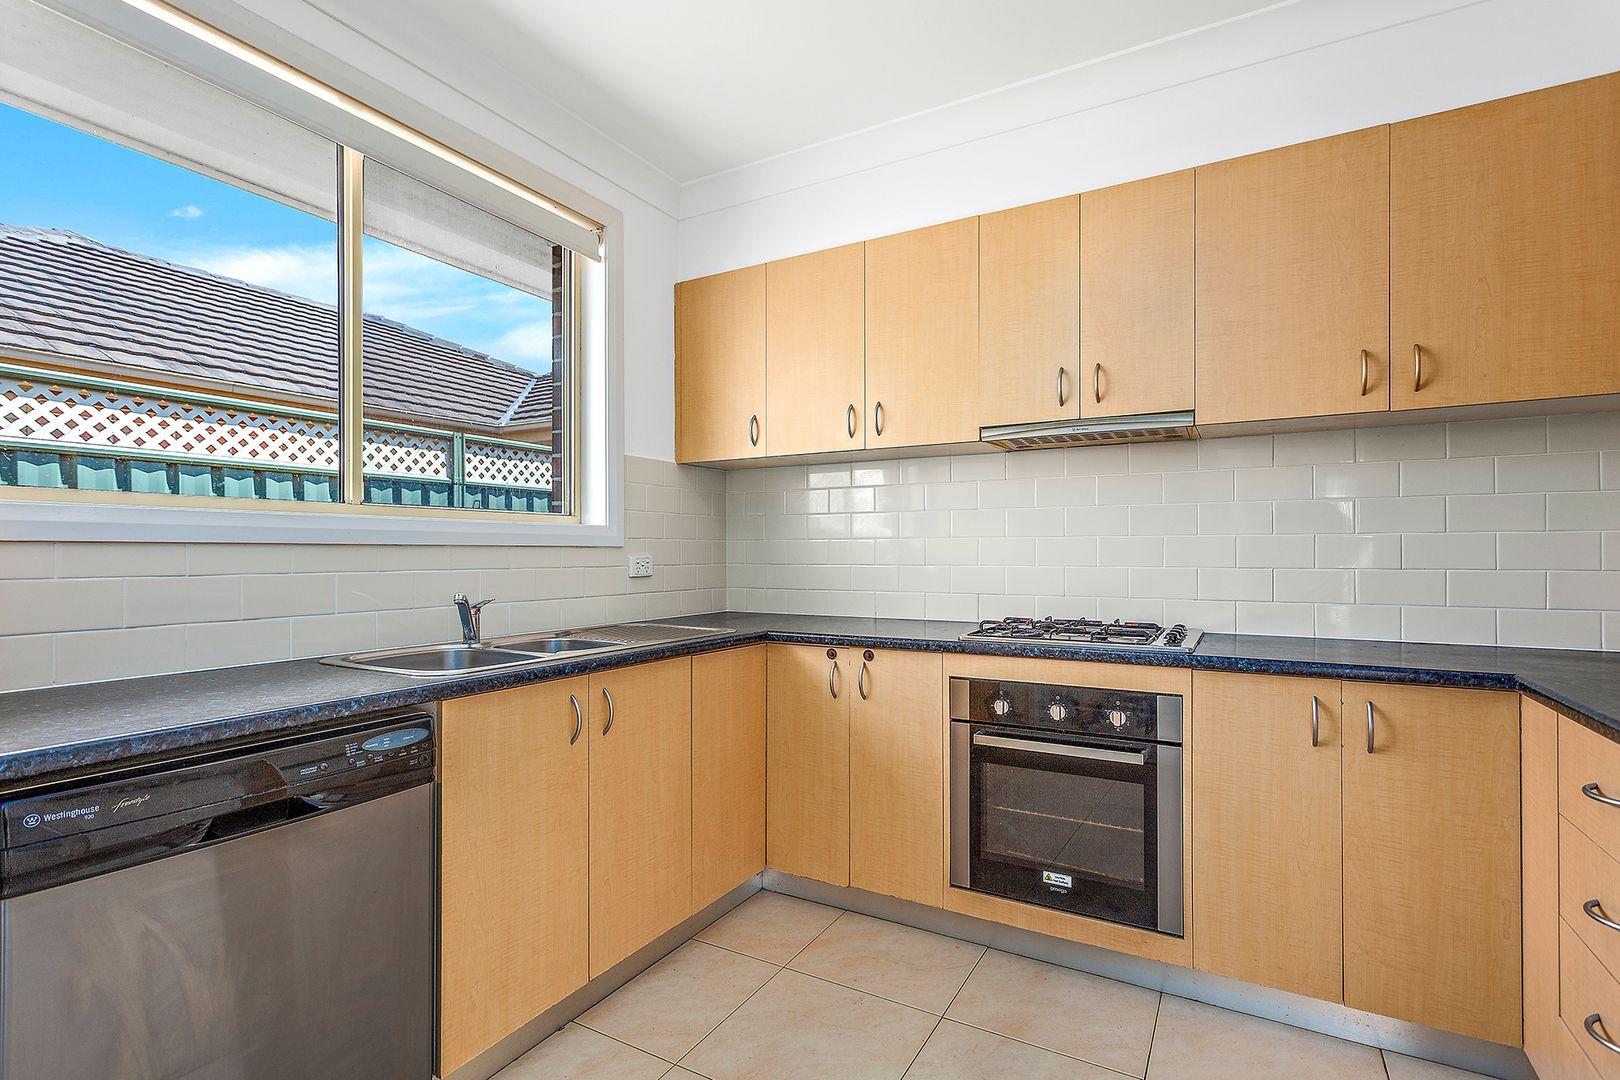 2/69 Midgley Street, Corrimal NSW 2518, Image 2